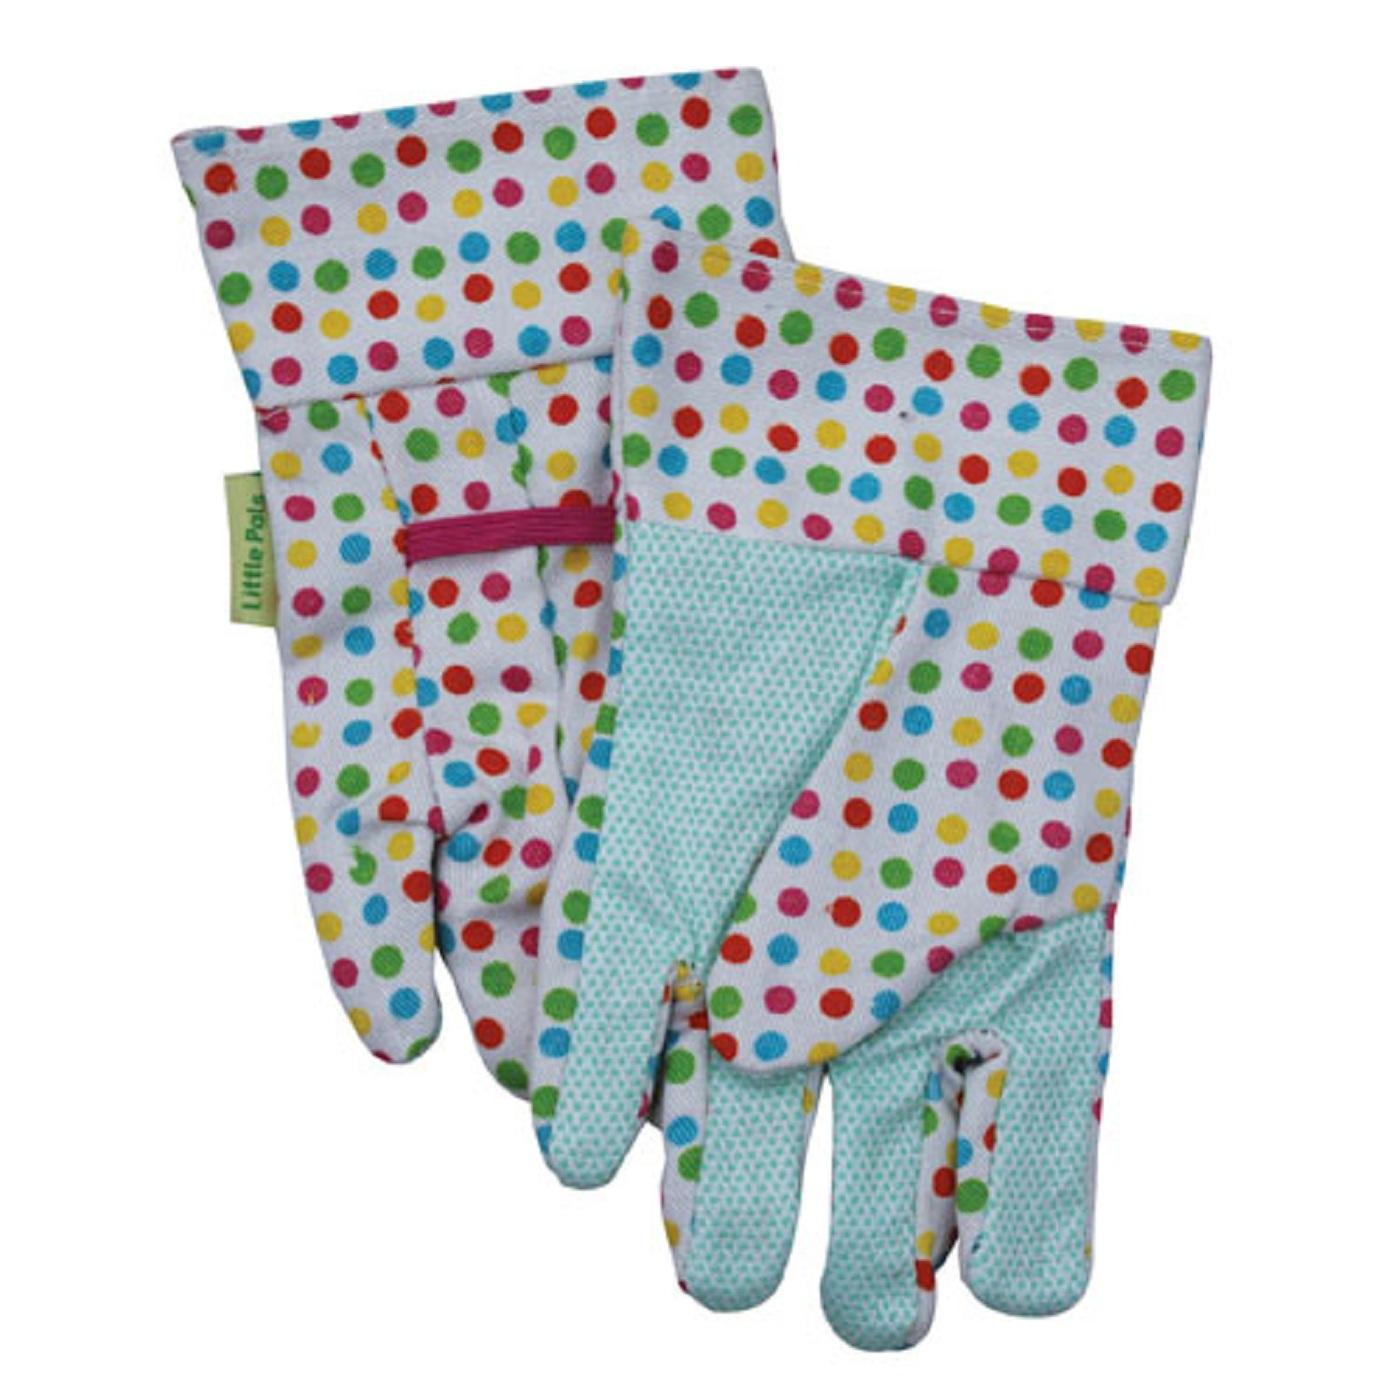 Kids Gardening Gloves Childrens Gardening Gloves